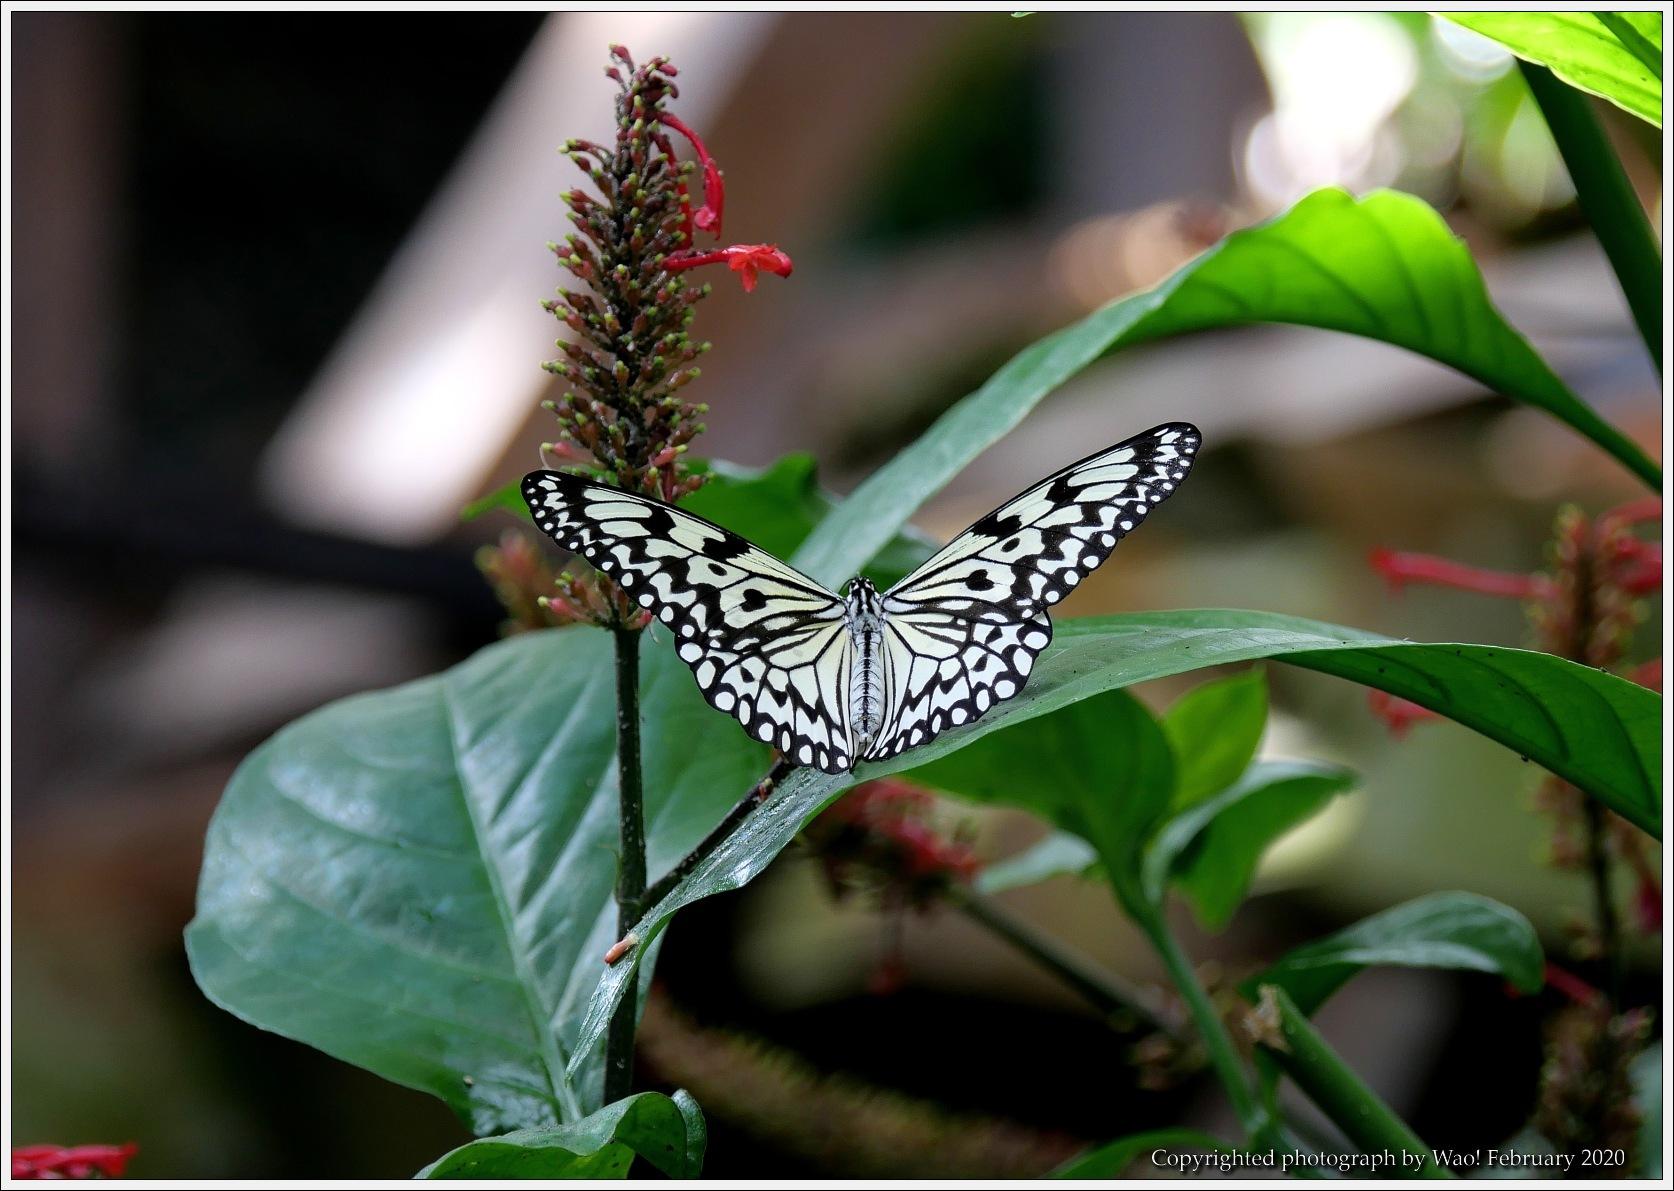 冬のバラと温室の花と蝶_c0198669_16052429.jpg